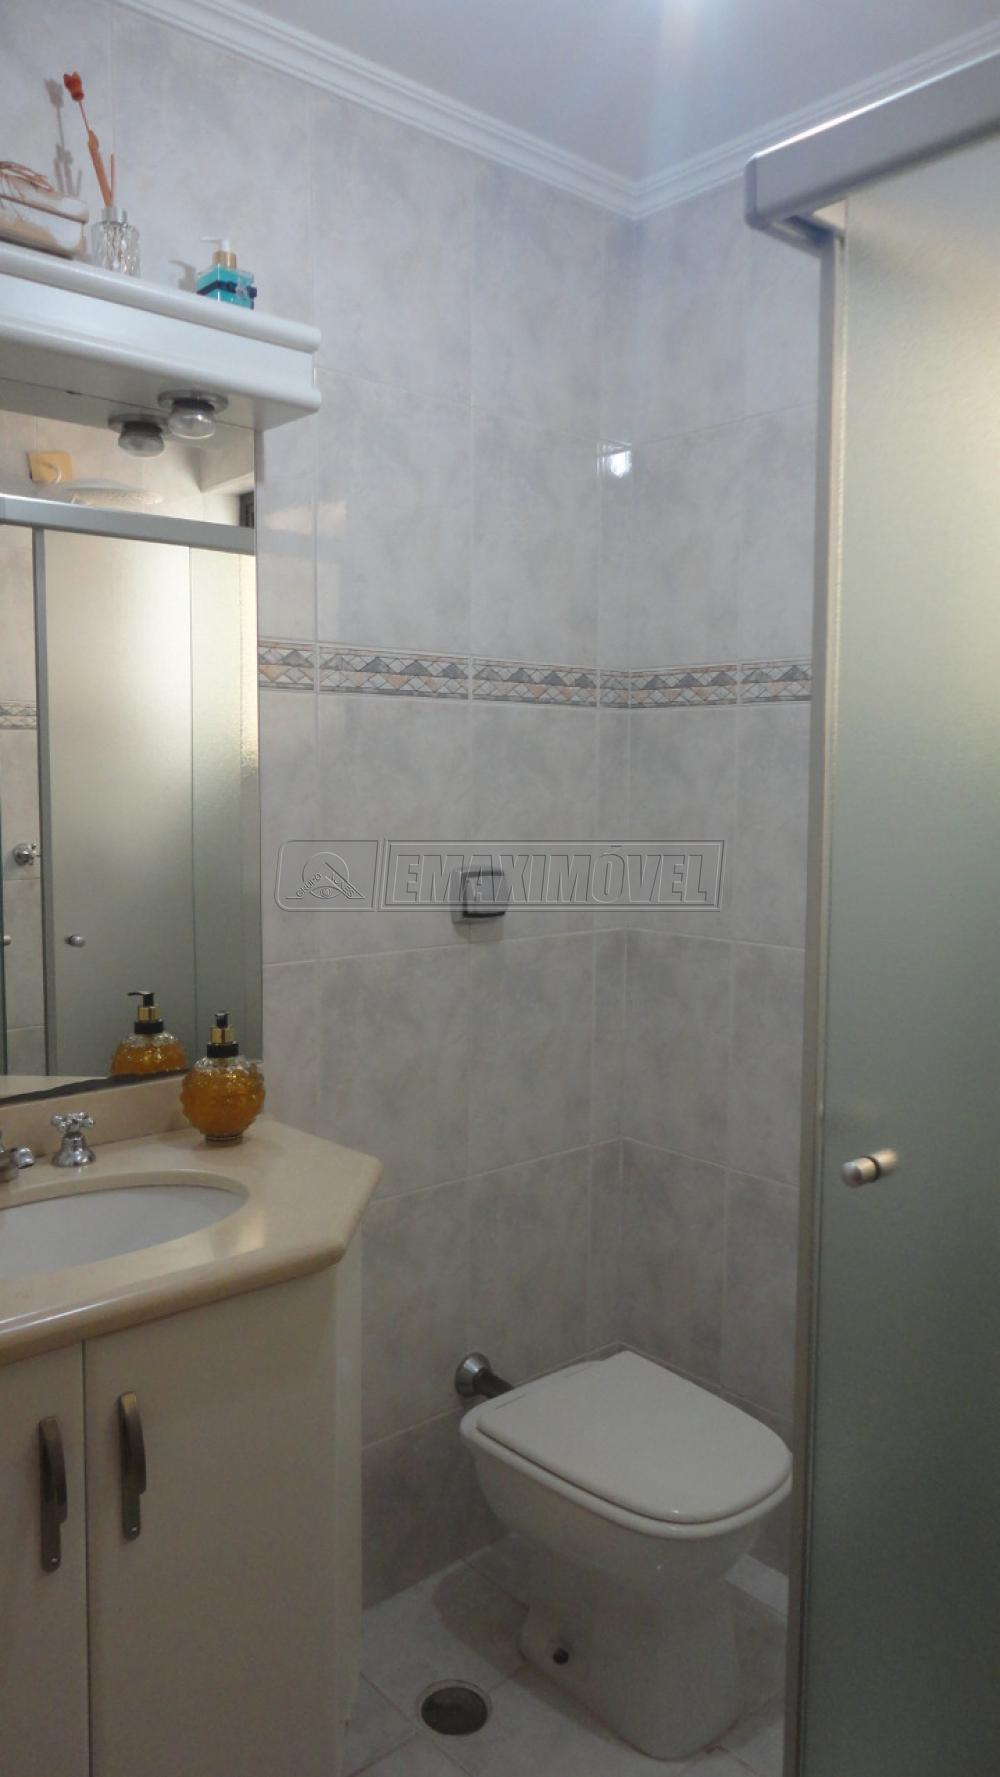 Comprar Apartamentos / Apto Padrão em Sorocaba apenas R$ 510.000,00 - Foto 18